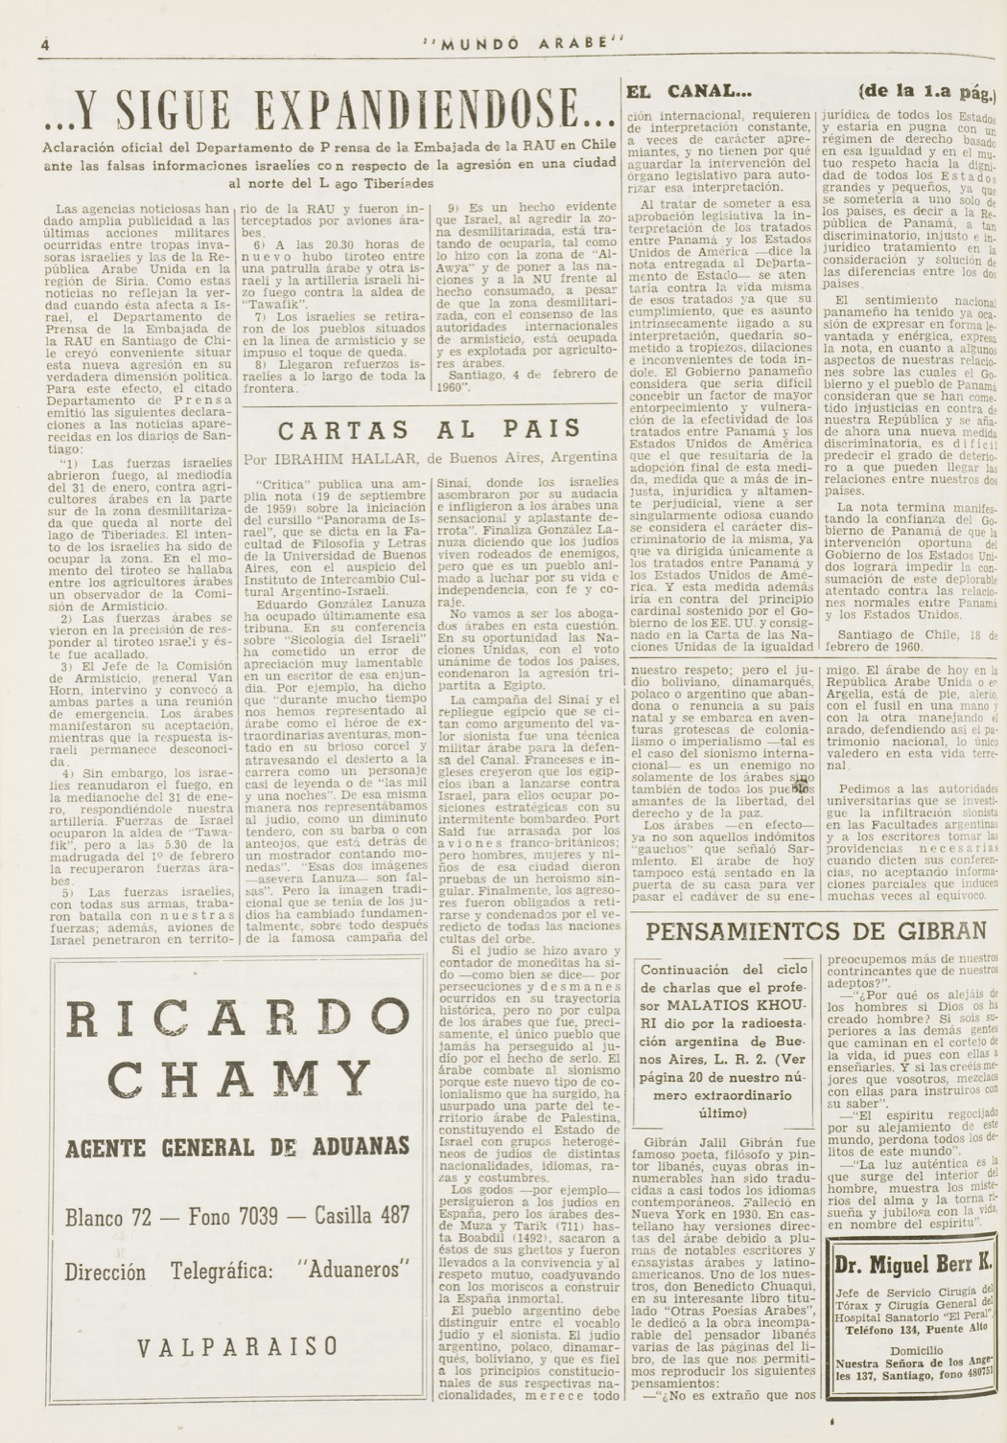 """Malatios Khouri, """"Pensamientos de Gibrán"""", Mundo Árabe, Mar 24, 1960, p. 4."""